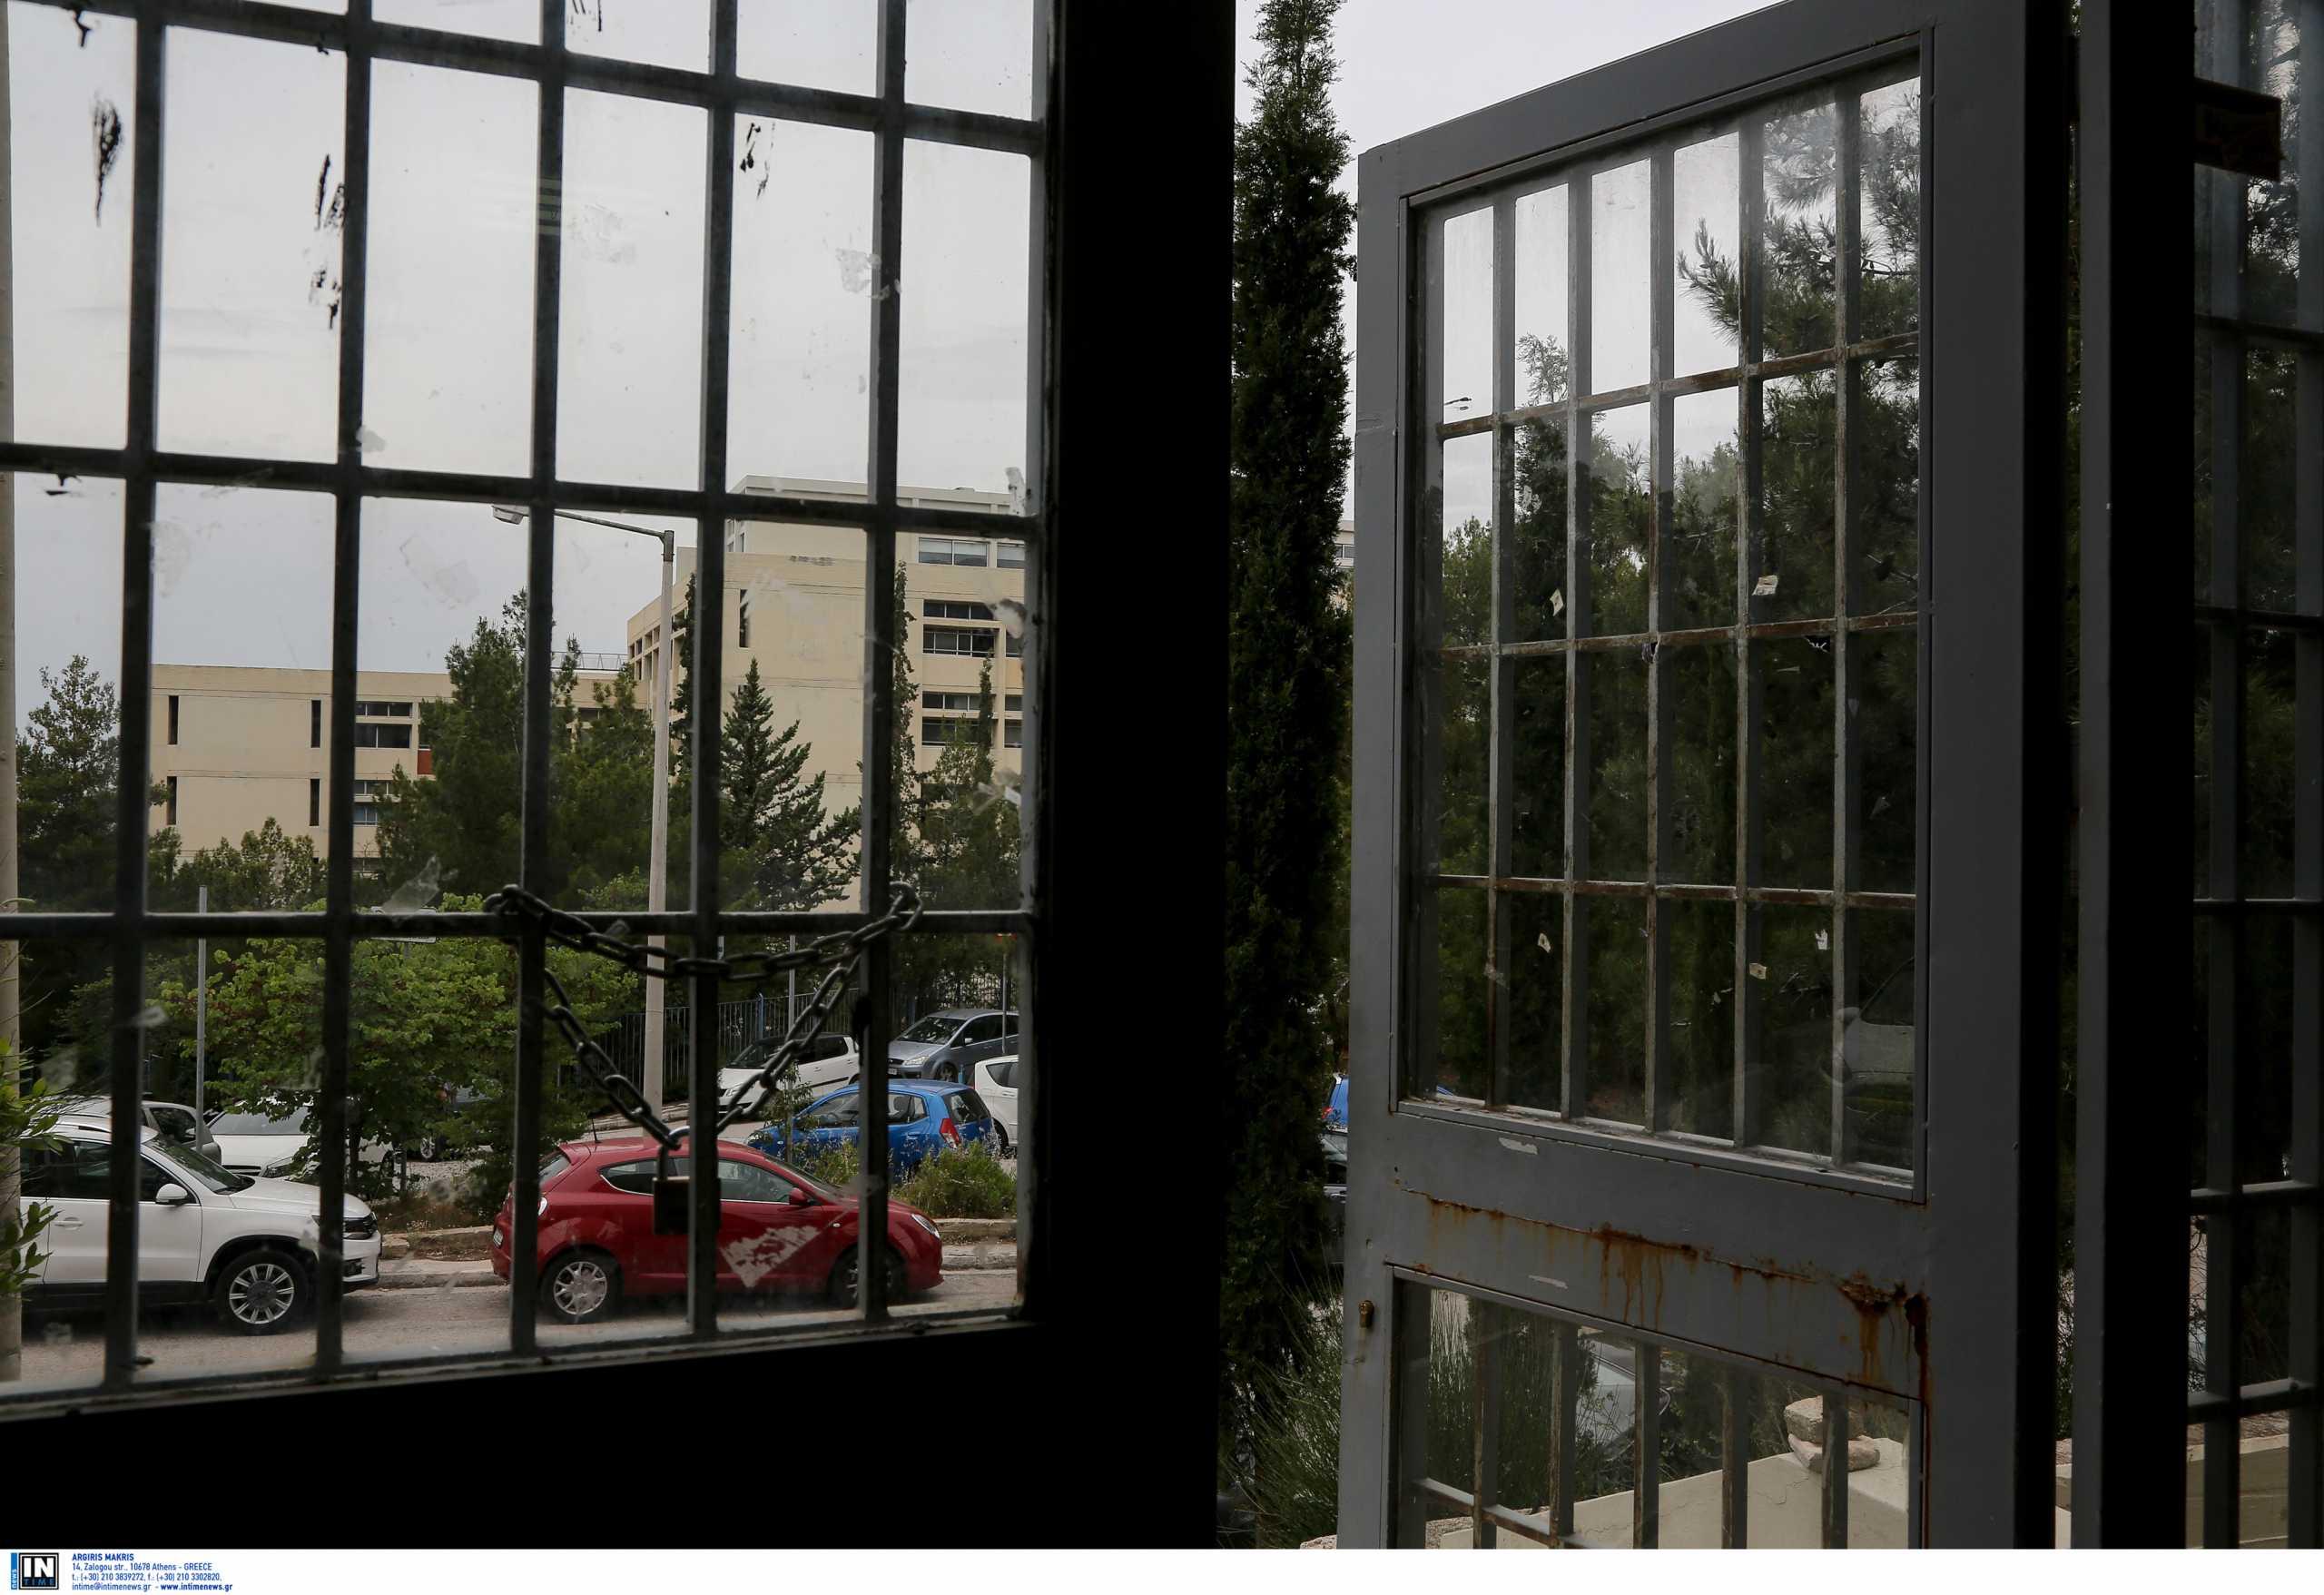 Πανεπιστημιούπολη: Οκτώ συλλήψεις και ανάμεσά τους μόνο ένας φοιτητής